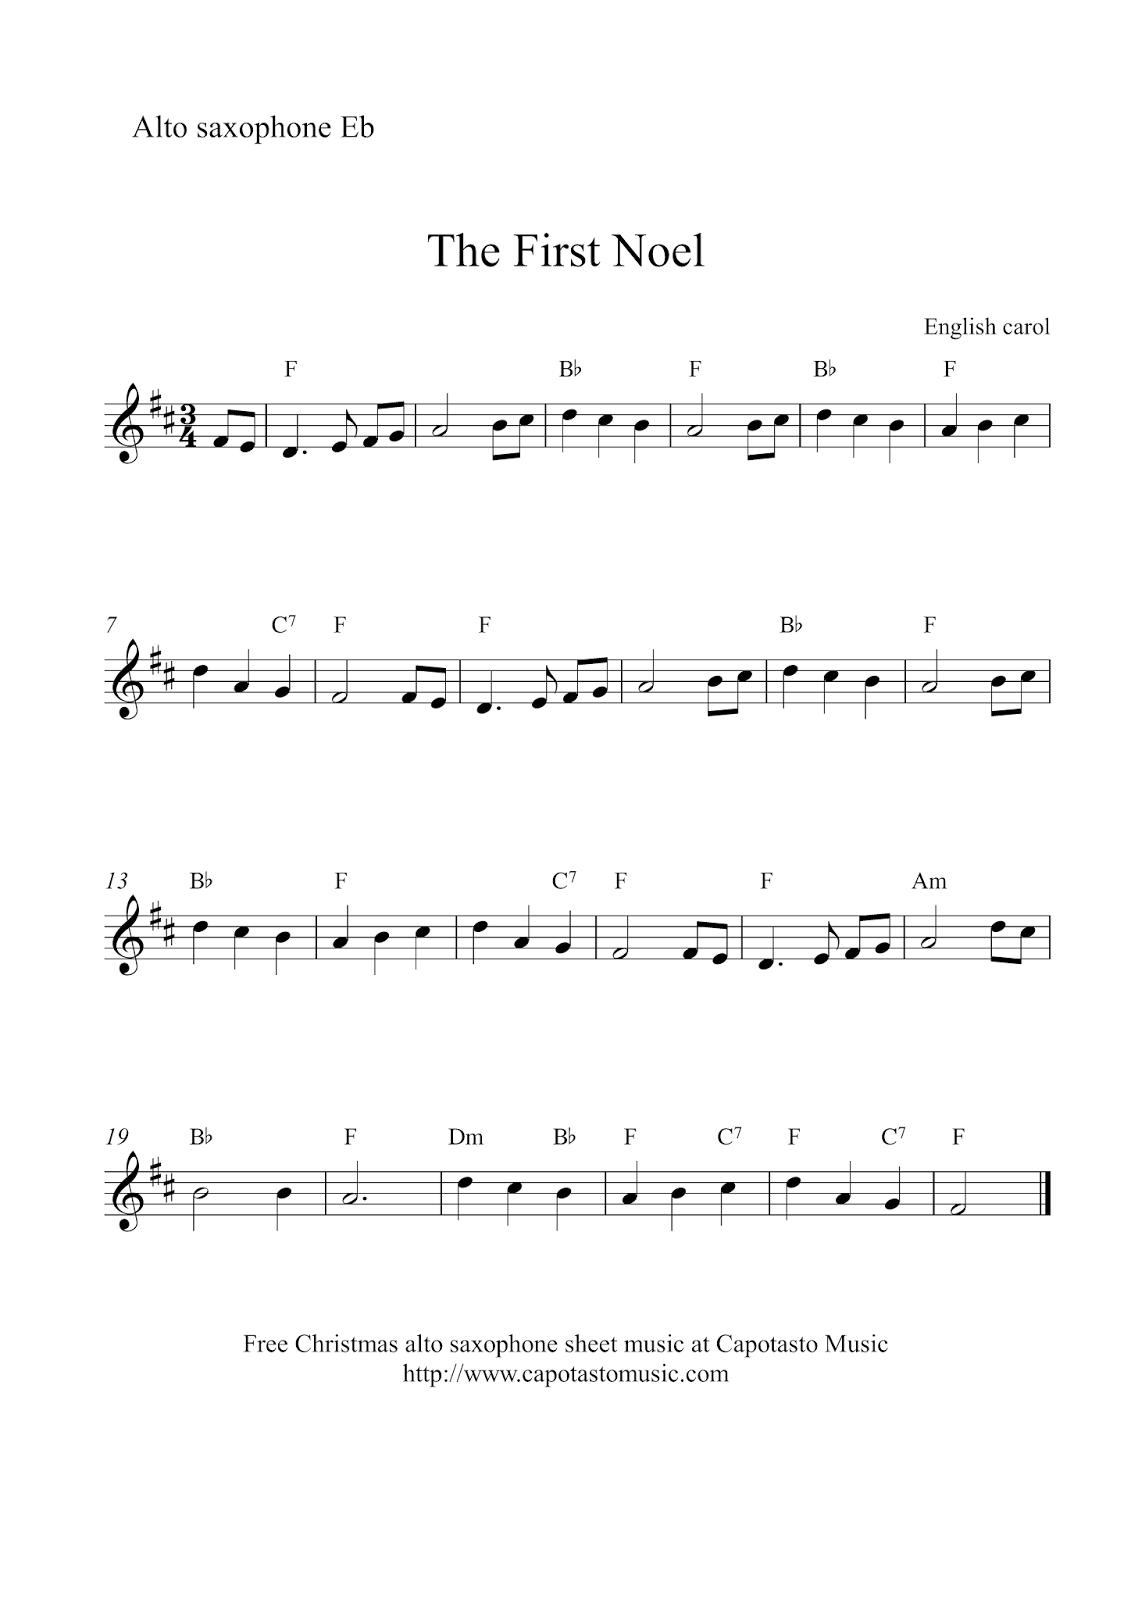 Free Sheet Music Scores: Alto Saxophone Christmas | Xmas Music - Free Printable Christmas Sheet Music For Alto Saxophone